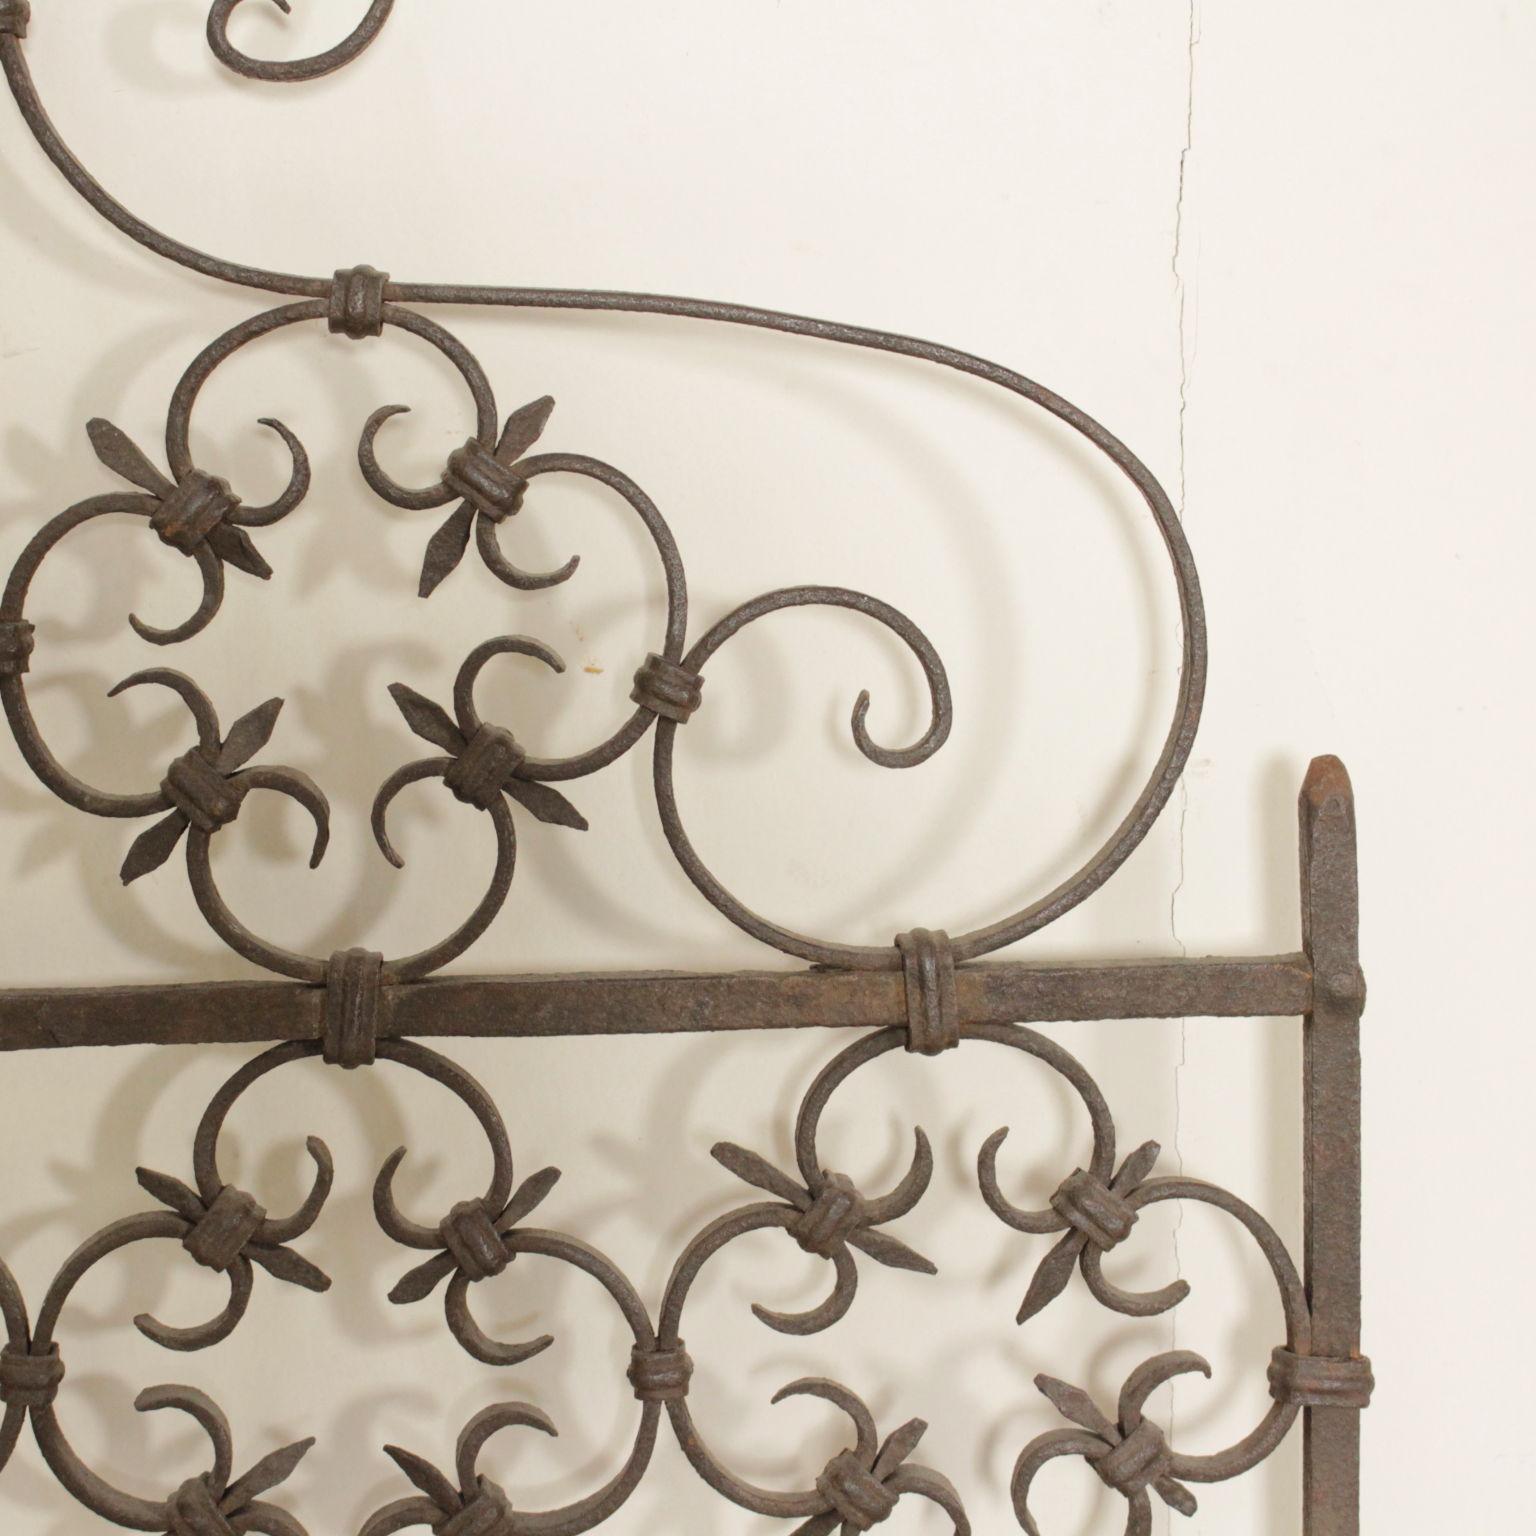 Cancelletto in ferro battuto altri mobili antiquariato - Cancelletto in ferro battuto ...